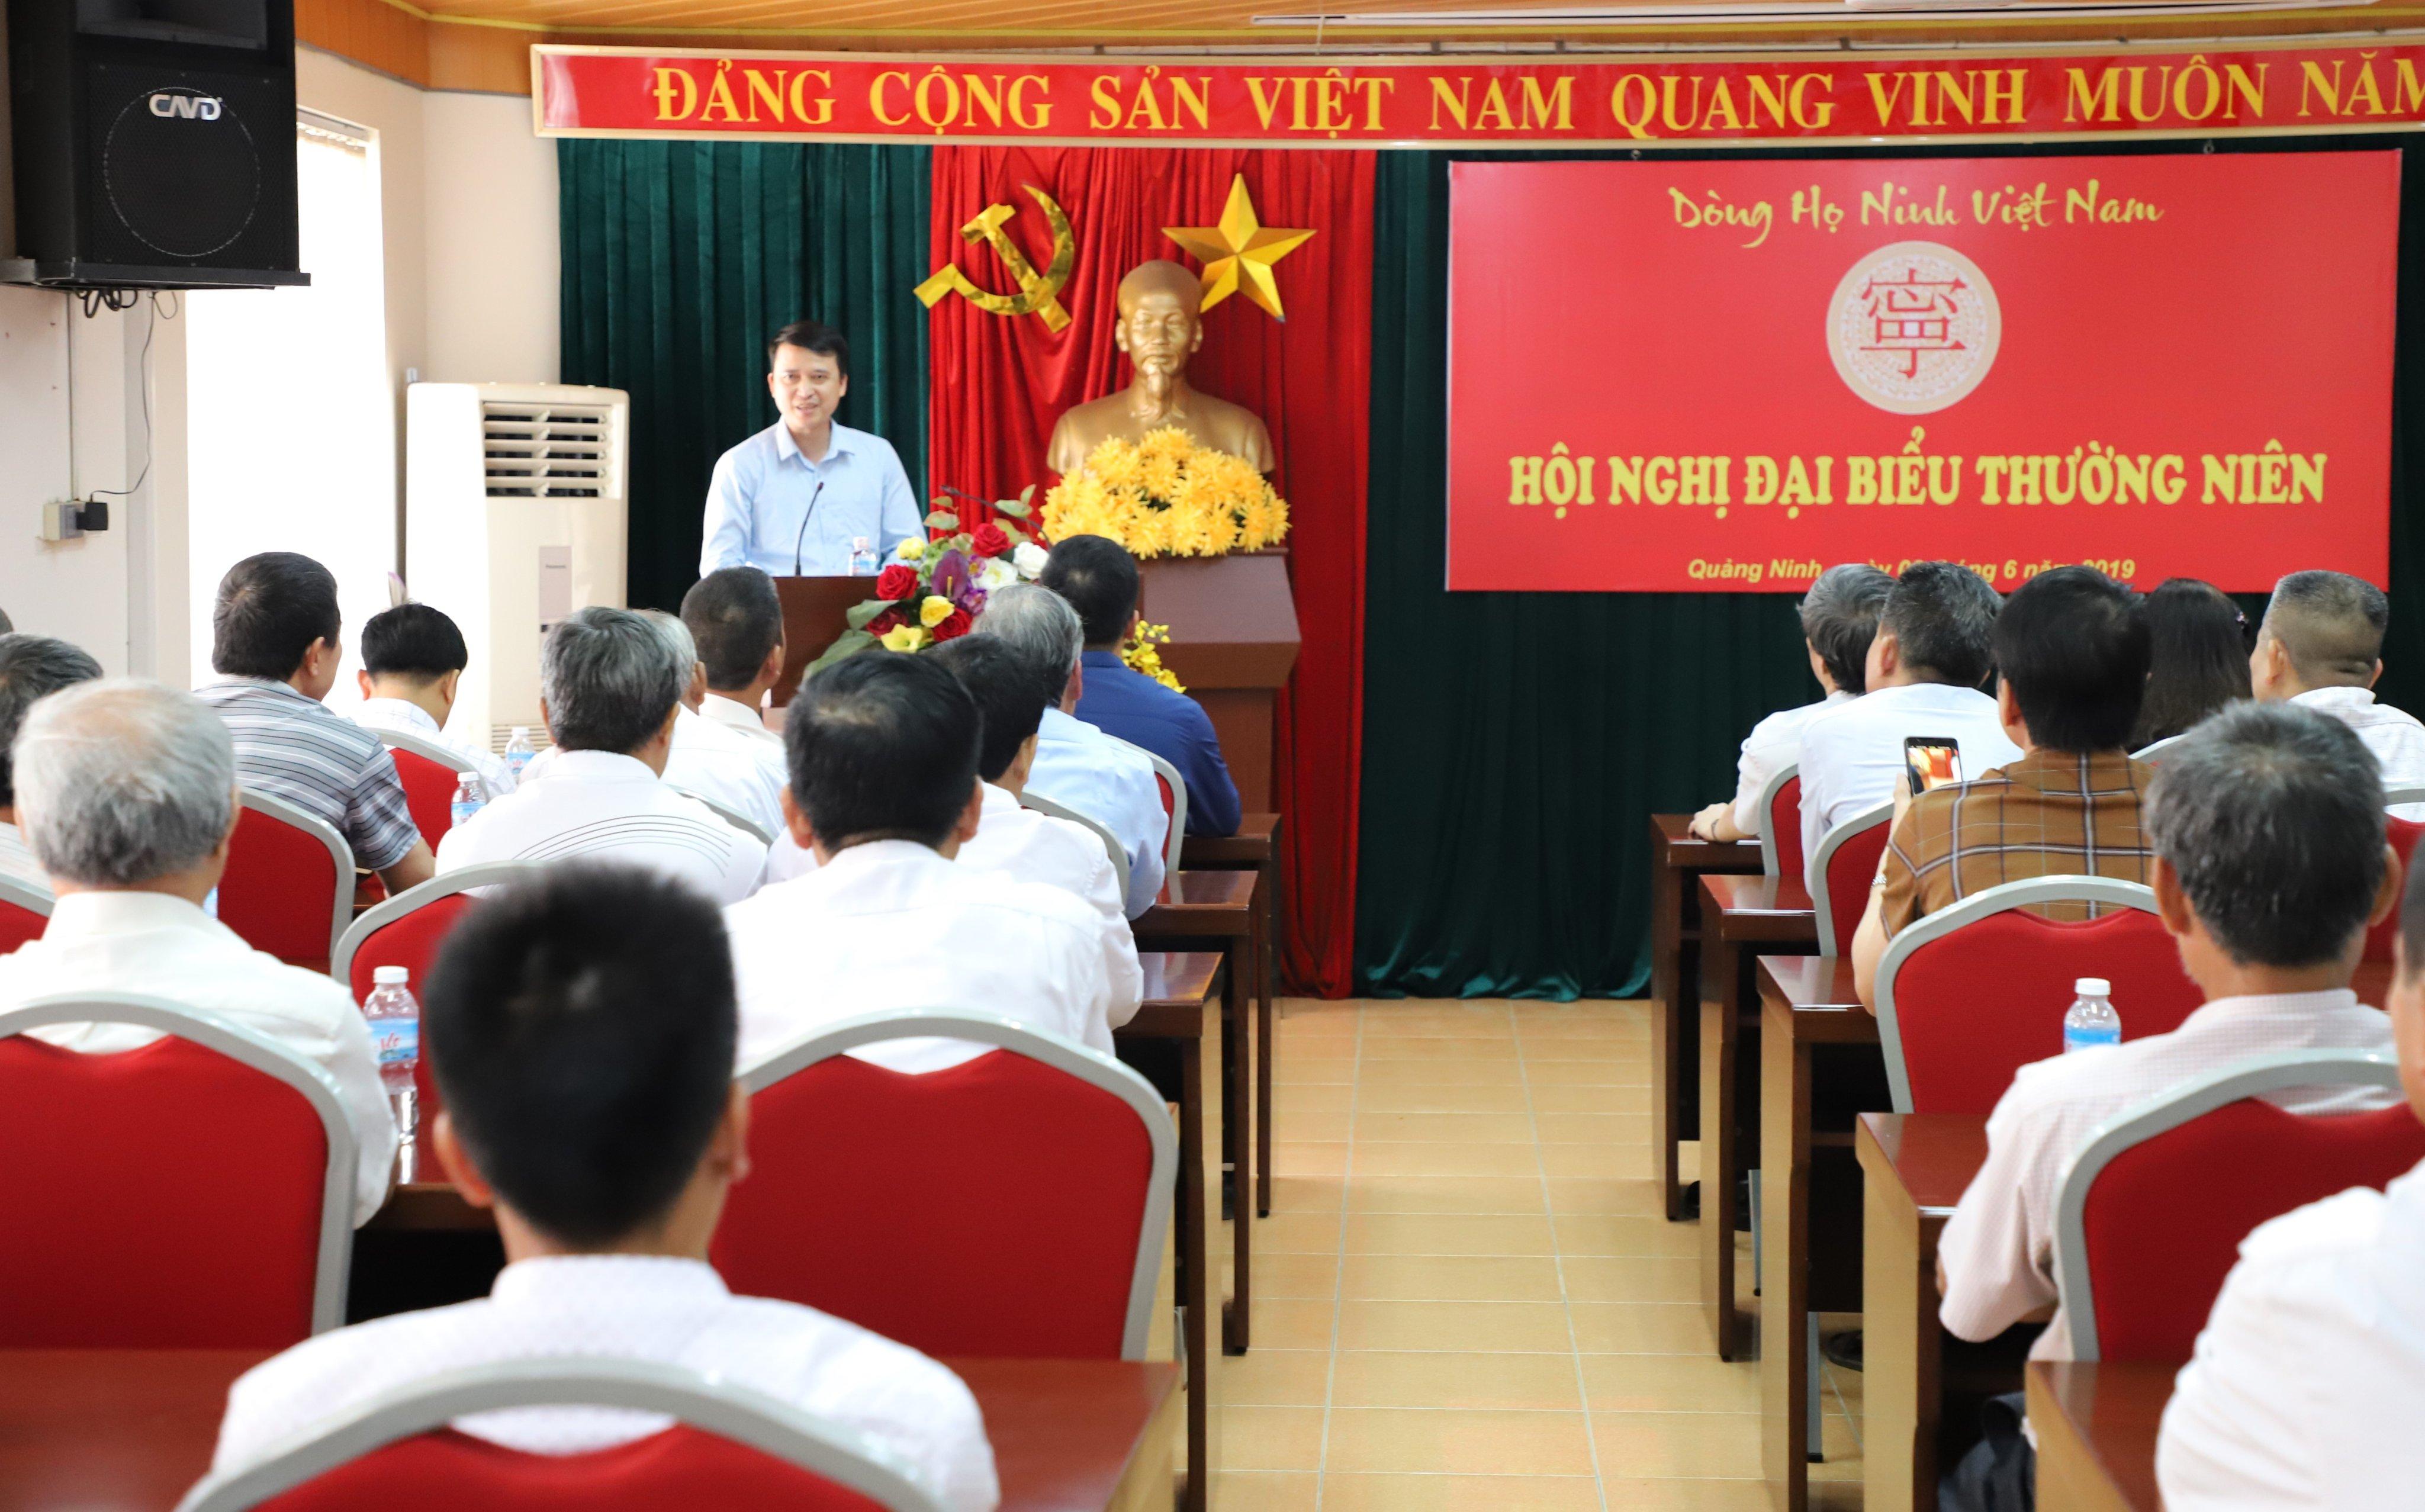 Ông Ninh Văn Hiệu, phát biểu tổng kết các hoạt động kết nối doanh nghiệp họ Ninh